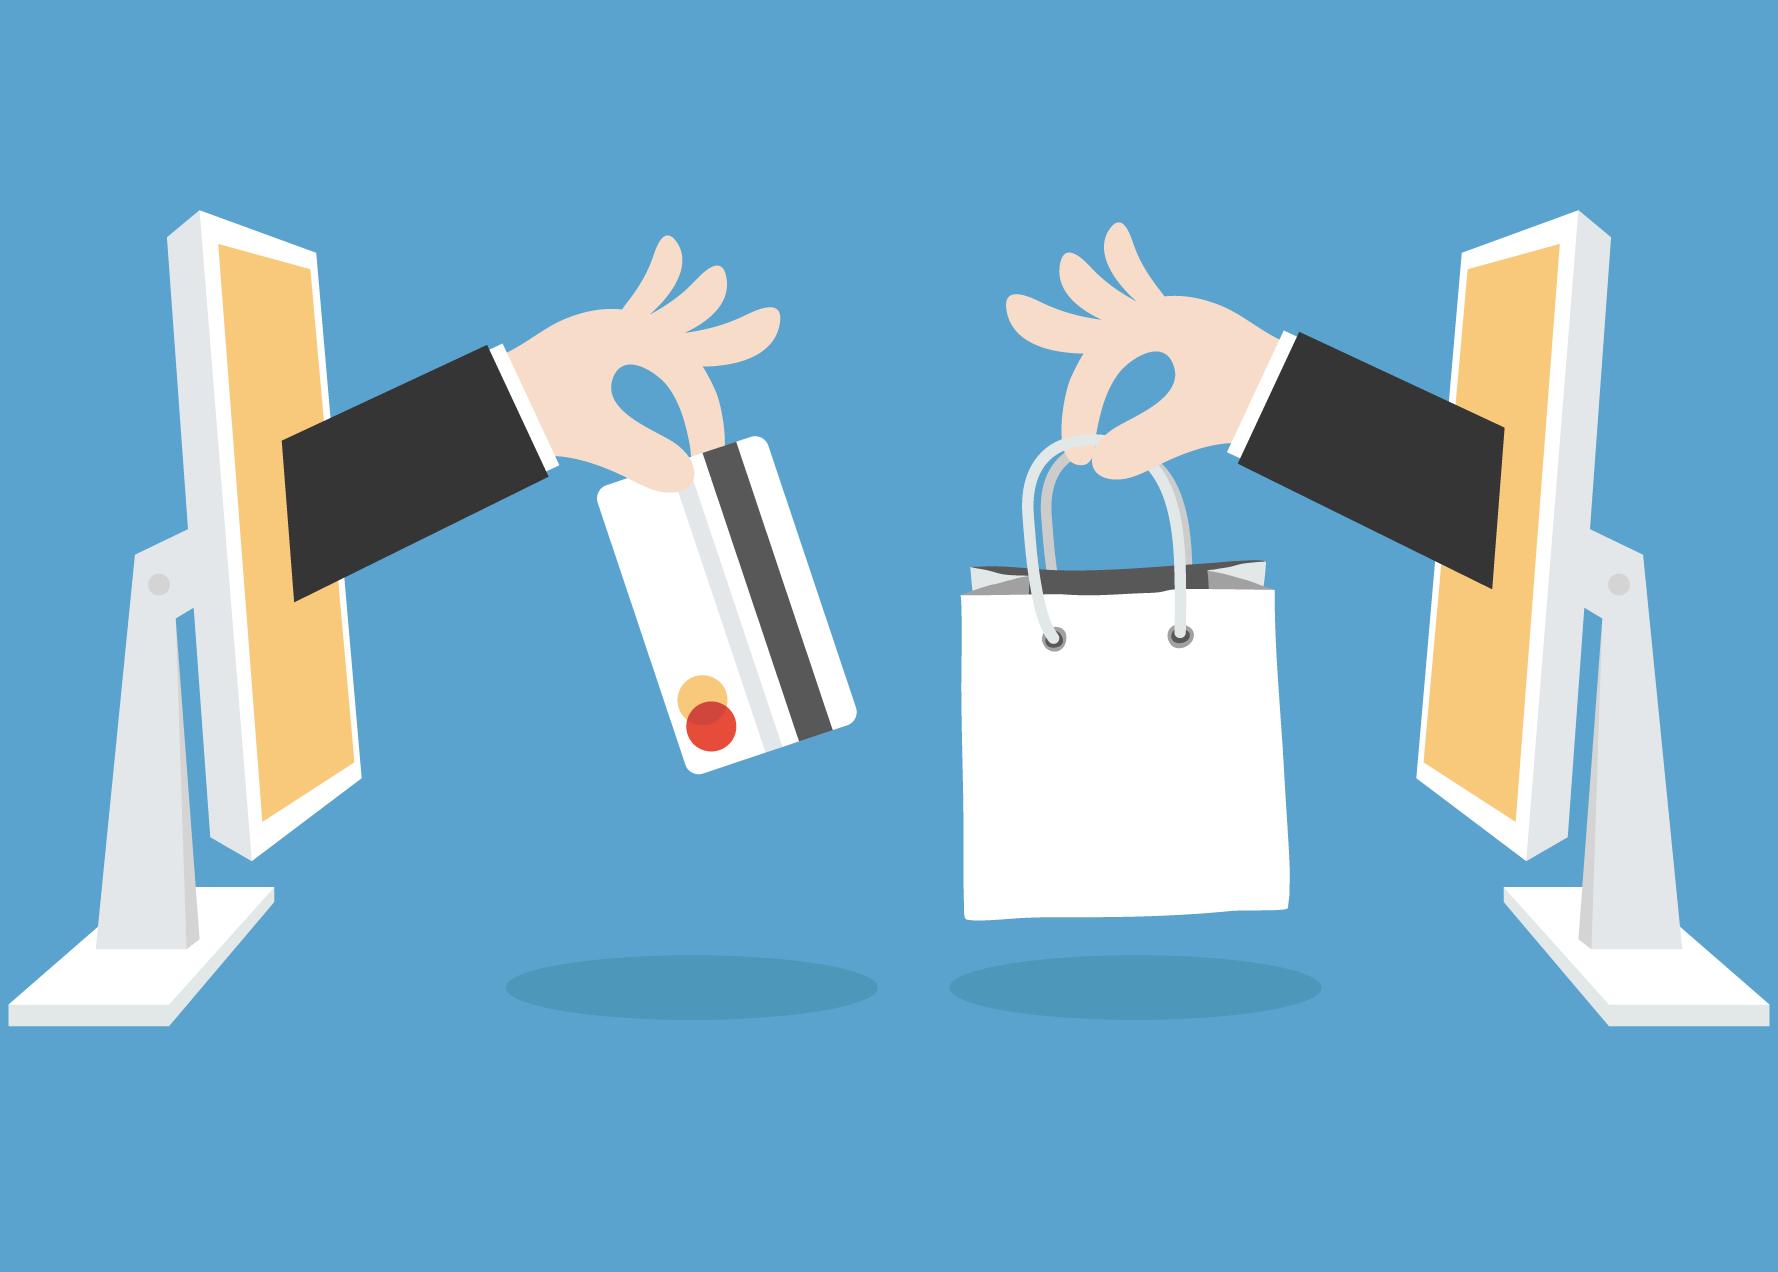 تخلف فروشگاههای اینترنتی در پس نگرفتن کالا